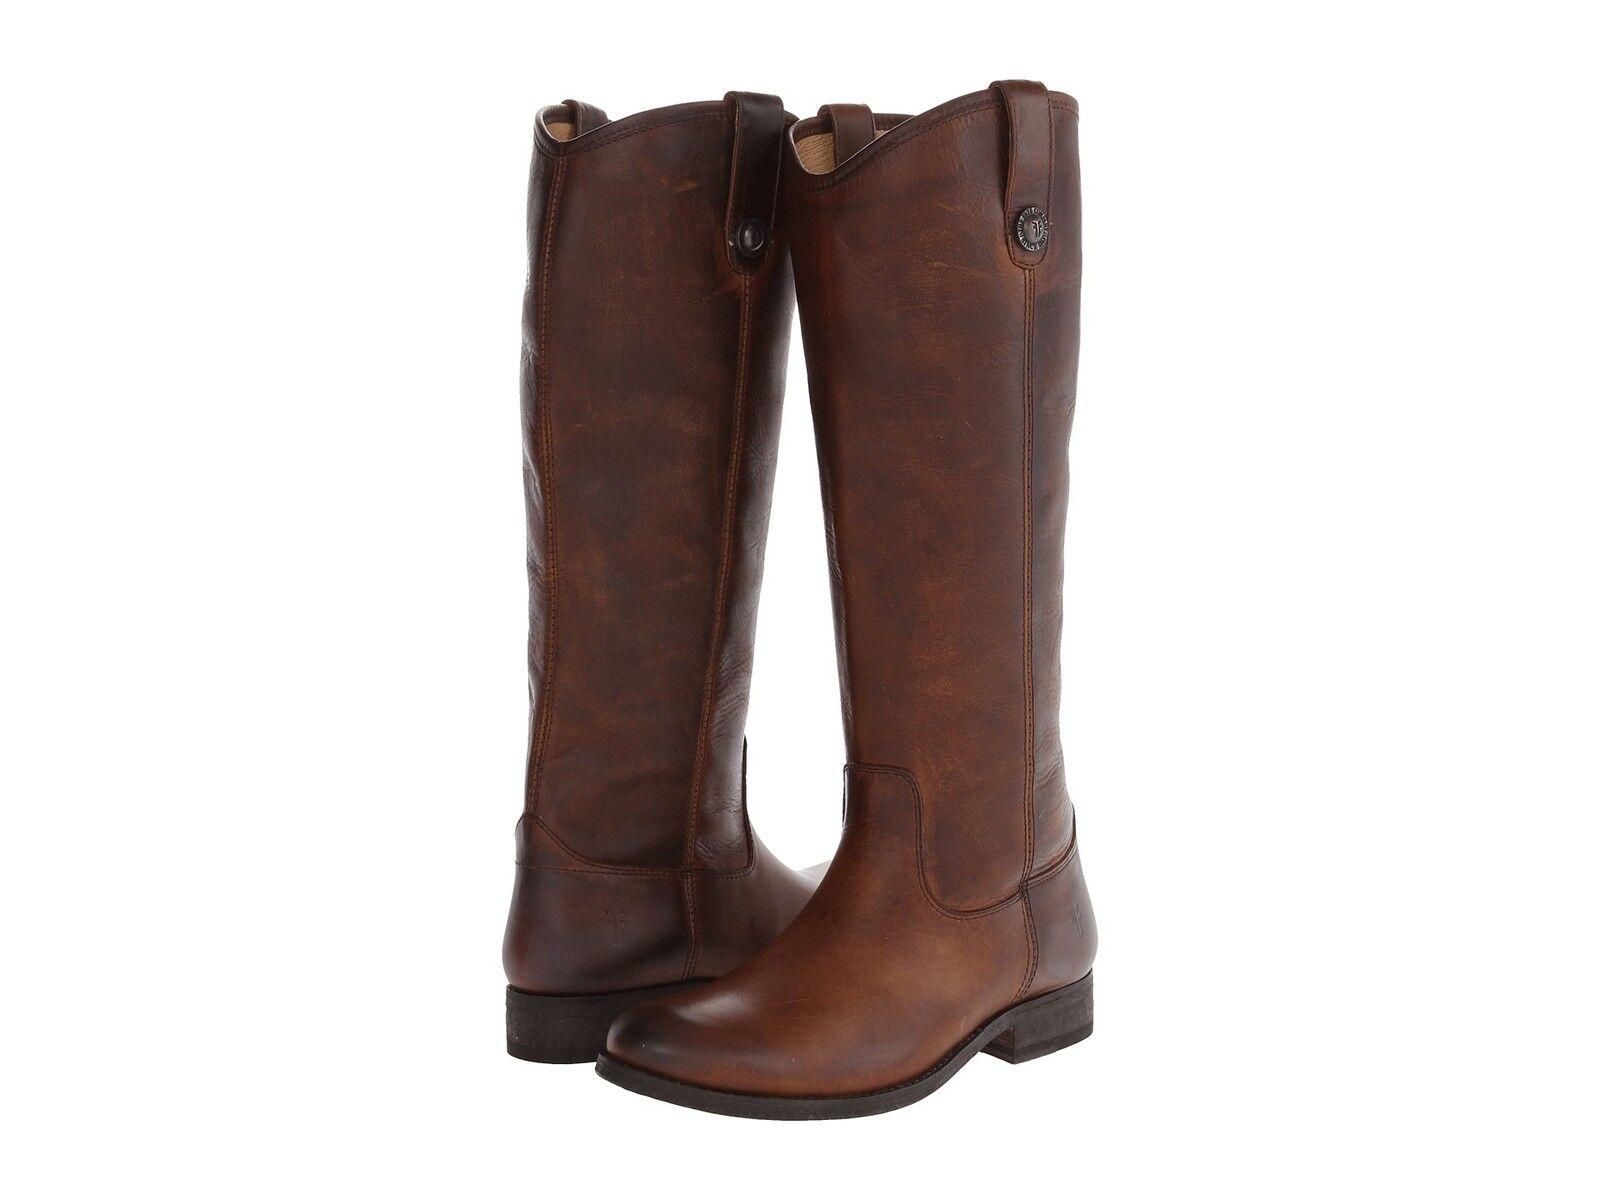 Spedizione gratuita per tutti gli ordini Donna  Frye stivali stivali stivali Melissa Button Dark Marrone Washed Leather 77172 DBN  vendita scontata